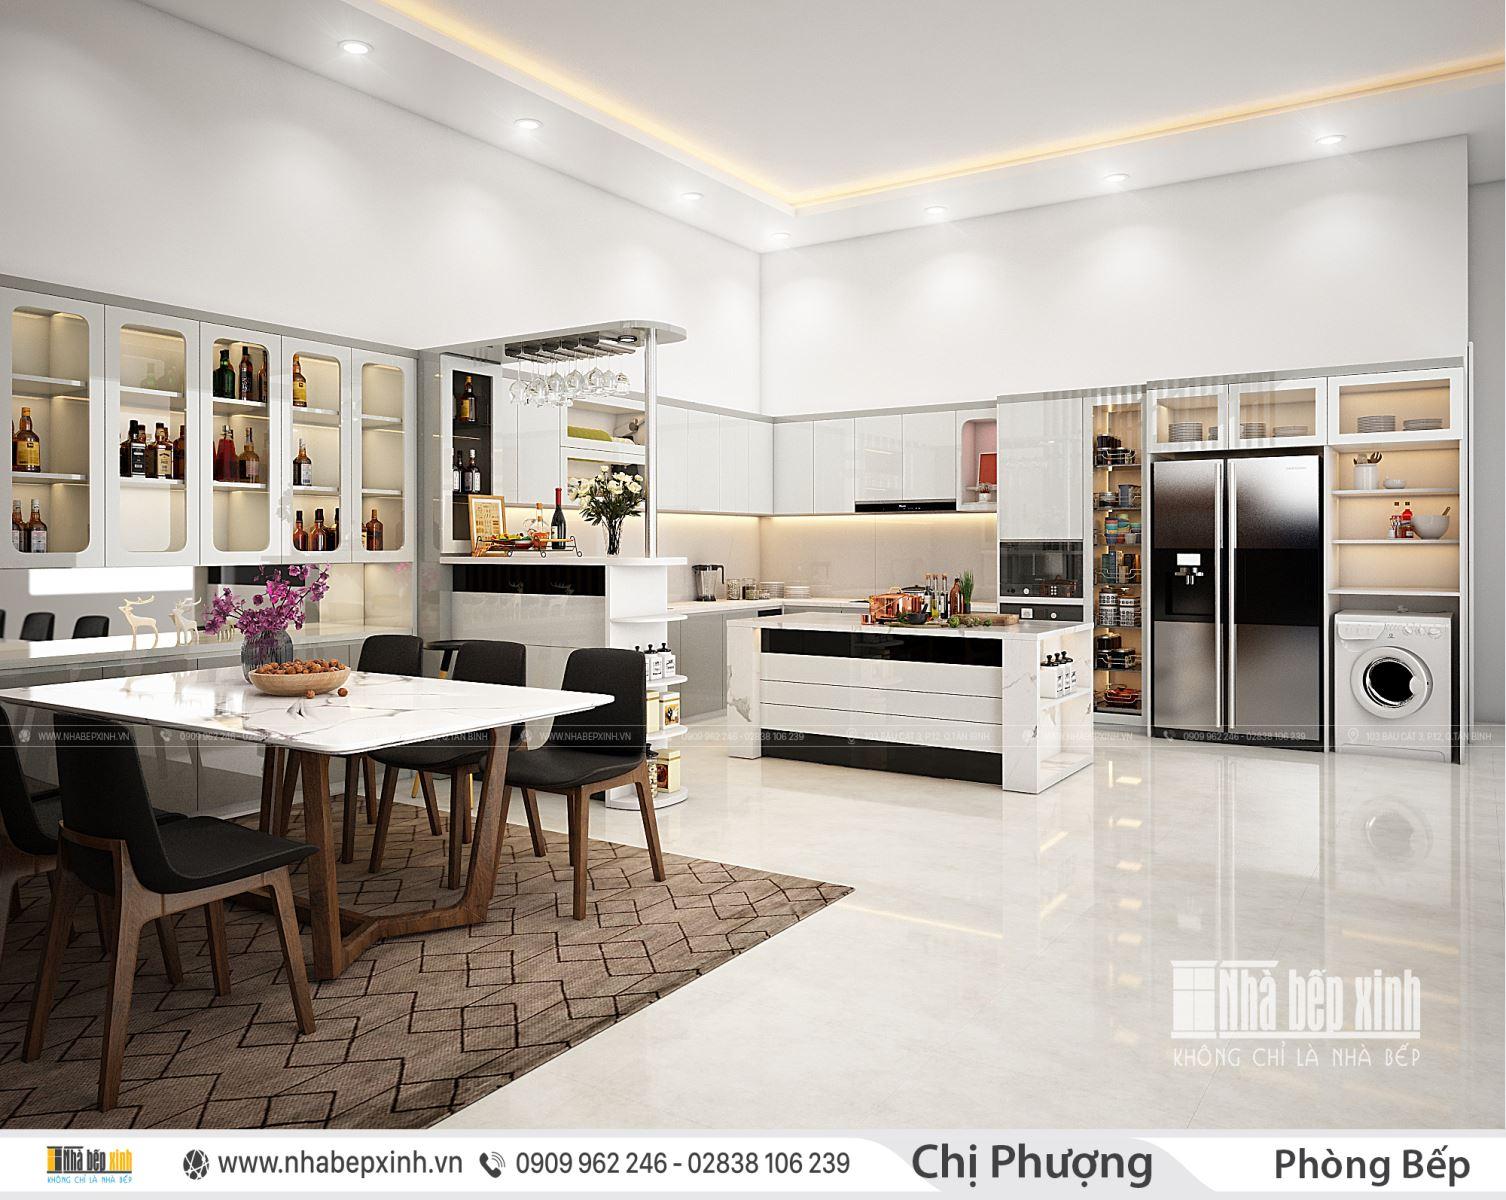 Tủ bếp kết hợp với bàn đảo tuyệt đẹp